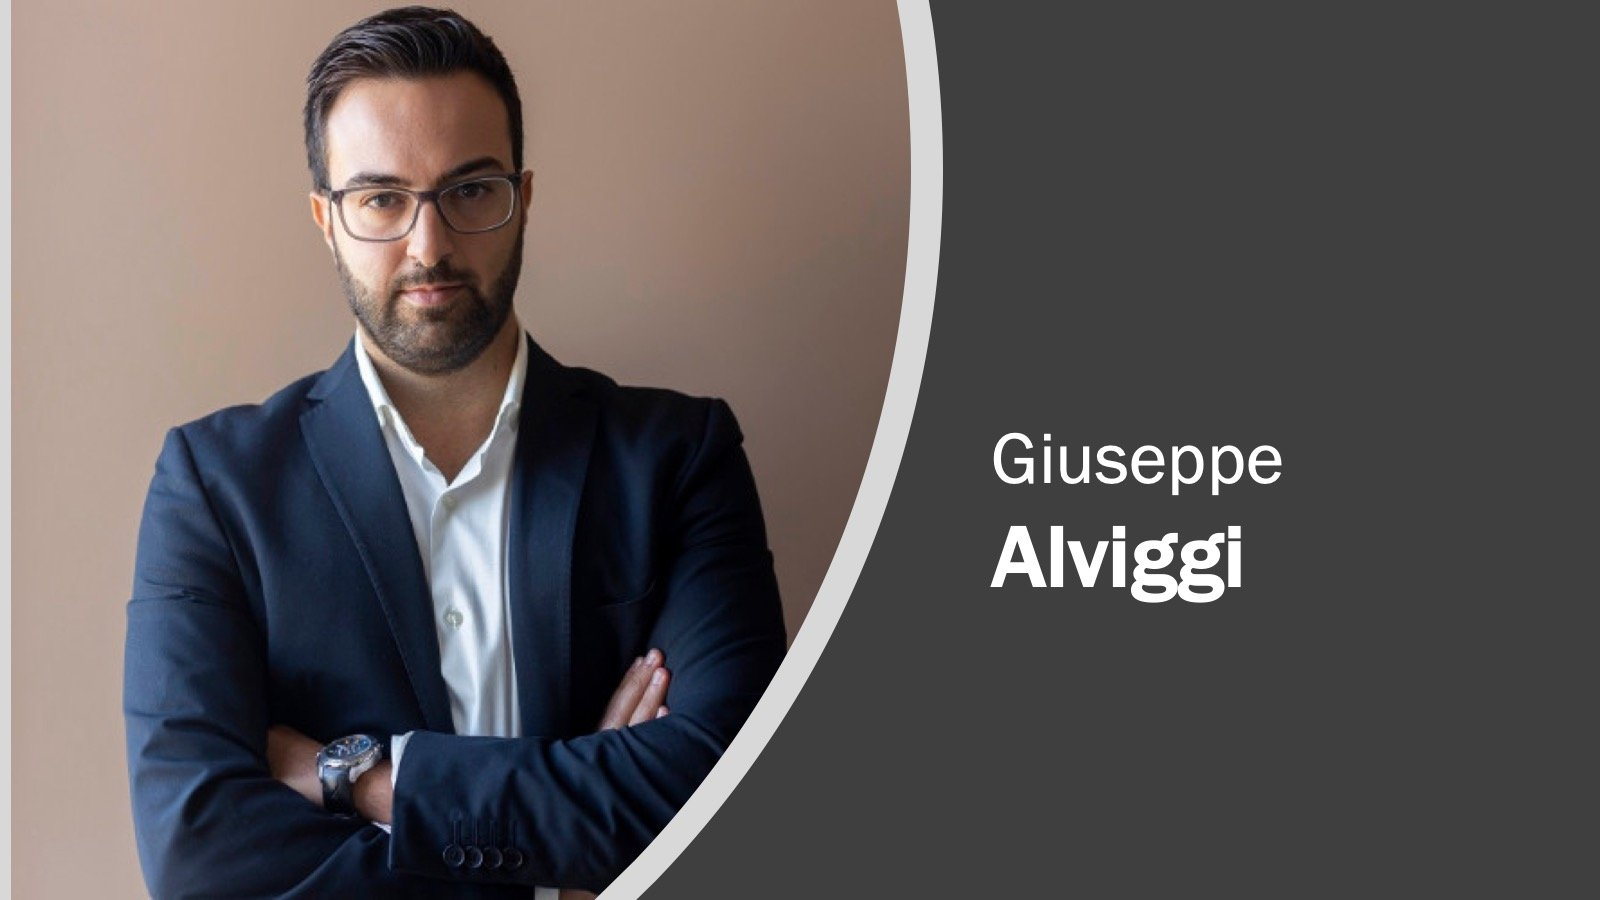 alviggi__ready